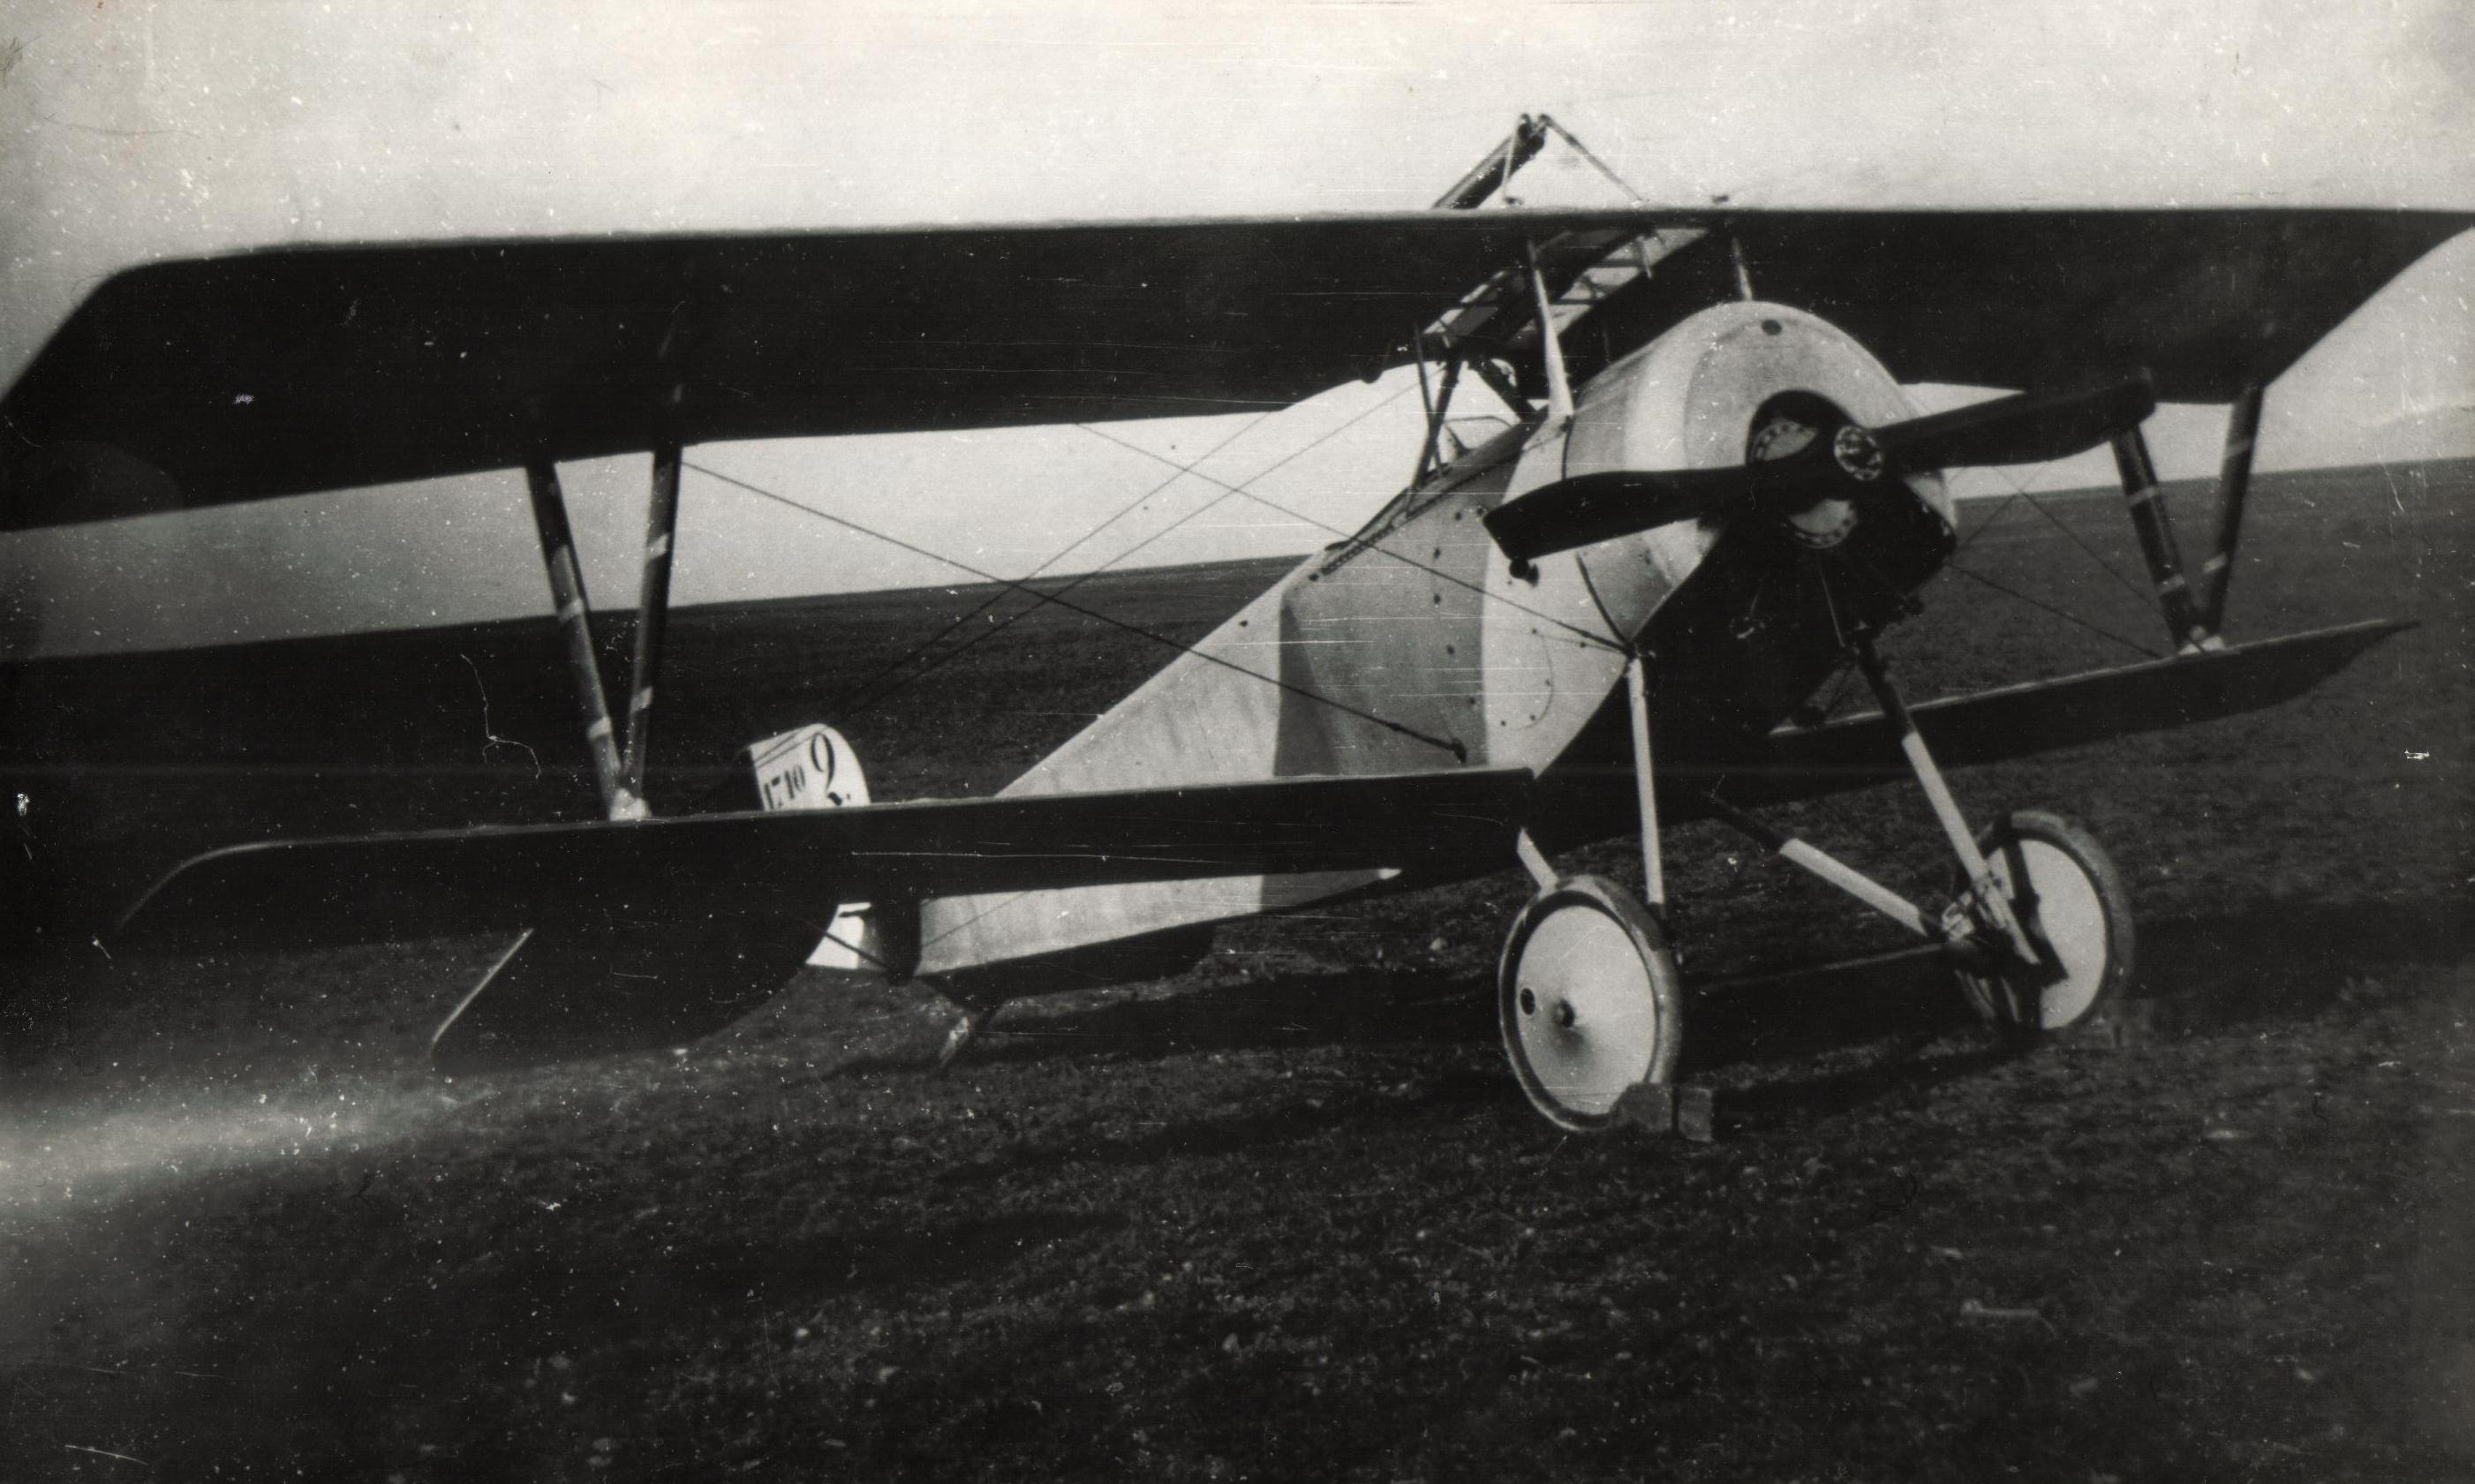 Самолет Ньюпор-XXI, на котором был сделан 1-ый умышленный штопор в 1916 году.jpg